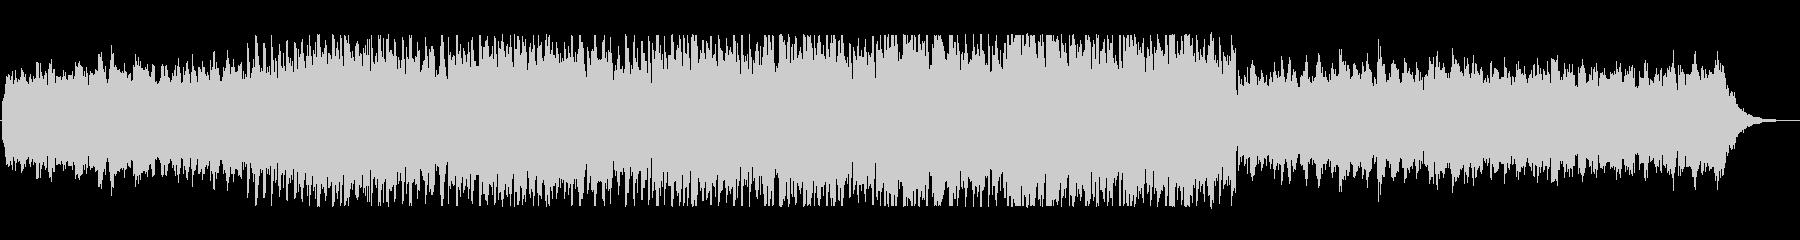 アップテンポの明るいポップサウンドの未再生の波形